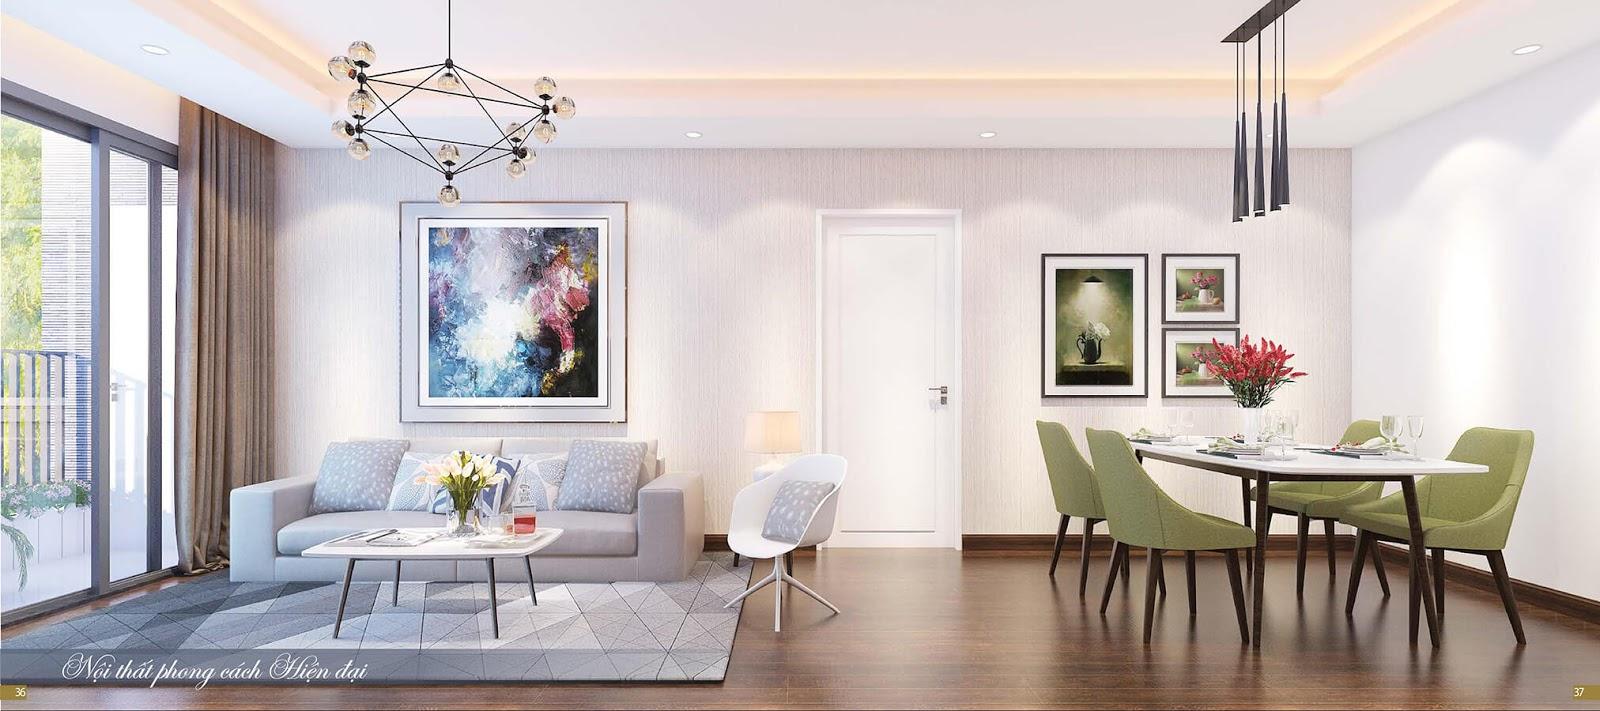 Nội thất cao cấp hiện đại tại dự án chung cư Imperia Sky Garden